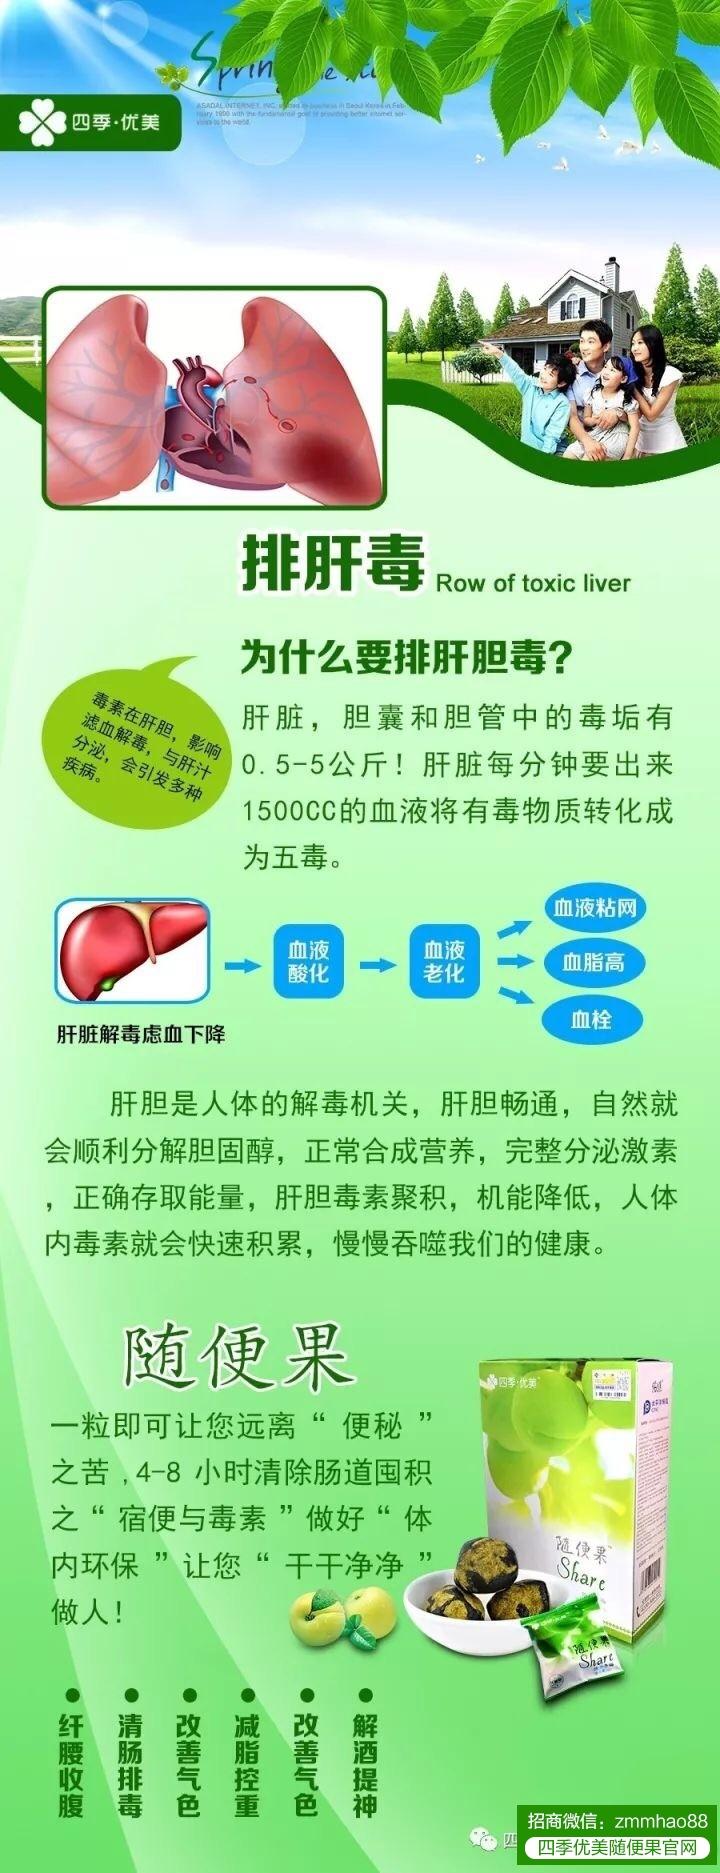 四季优美随便果排清体内毒素 越吃越年轻!